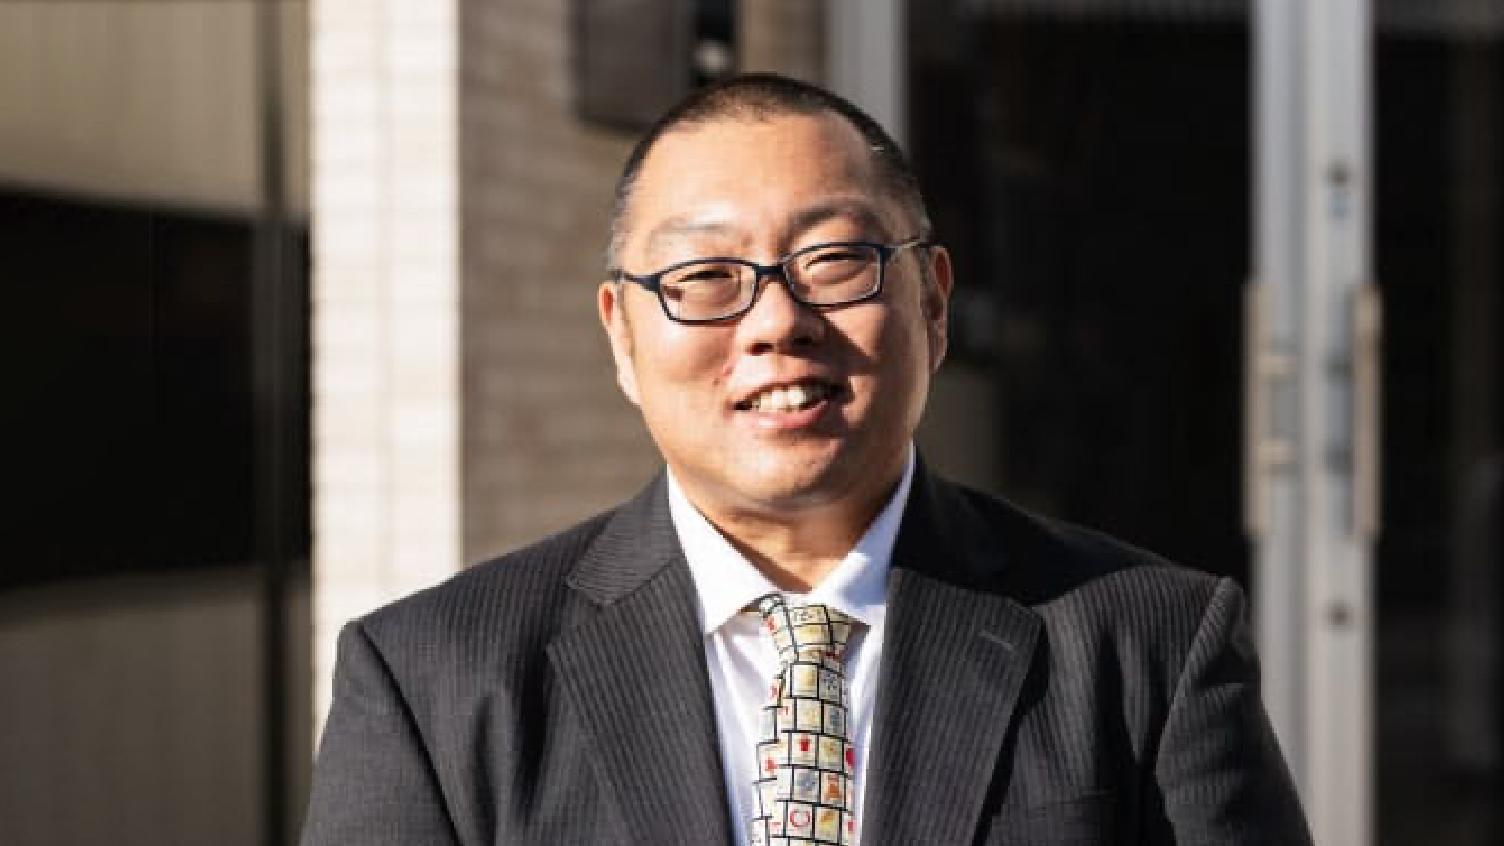 【中小企業社長インタビュー】売上9割減の会社を救った税理士の言葉のアイキャッチ